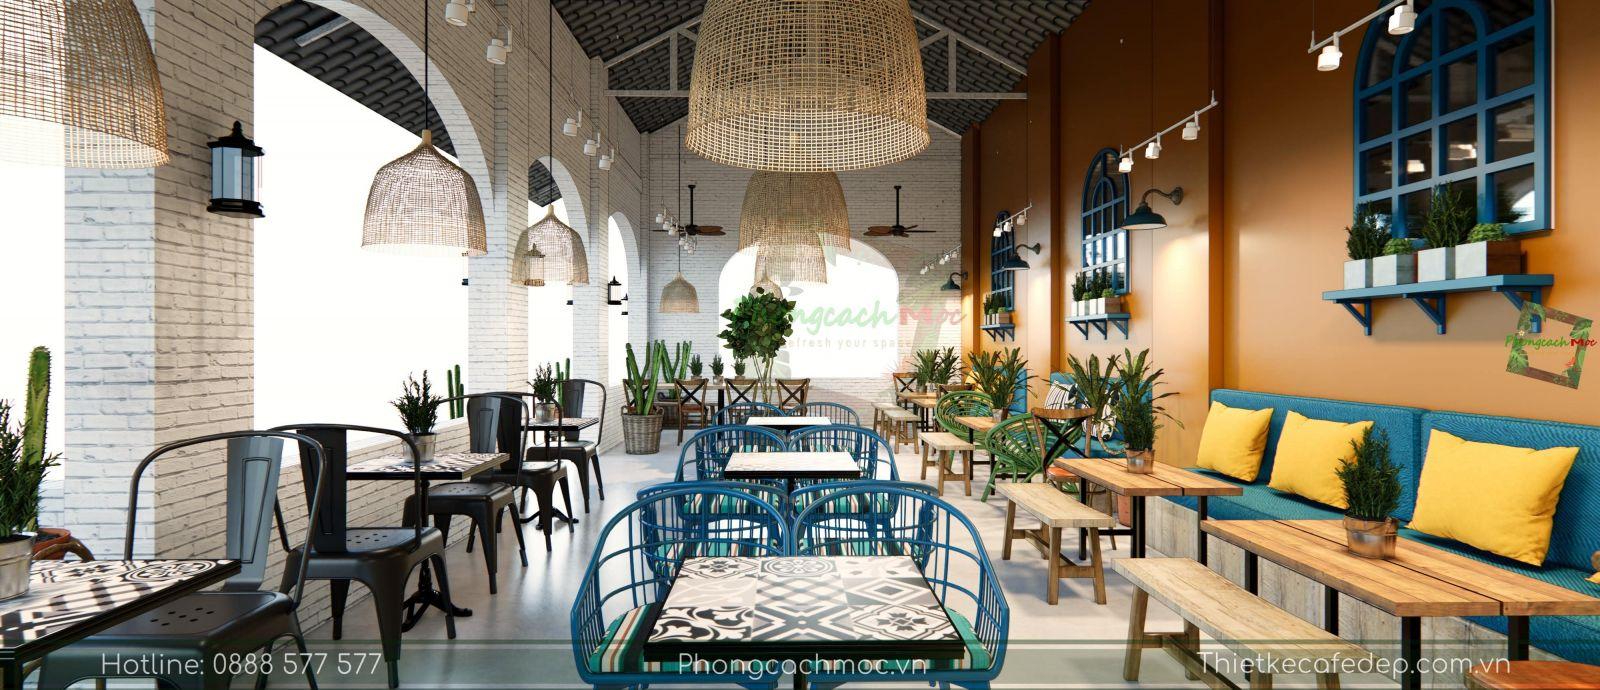 thiết kế quán cafe địa trung hải không gian phòng lạnh - 7